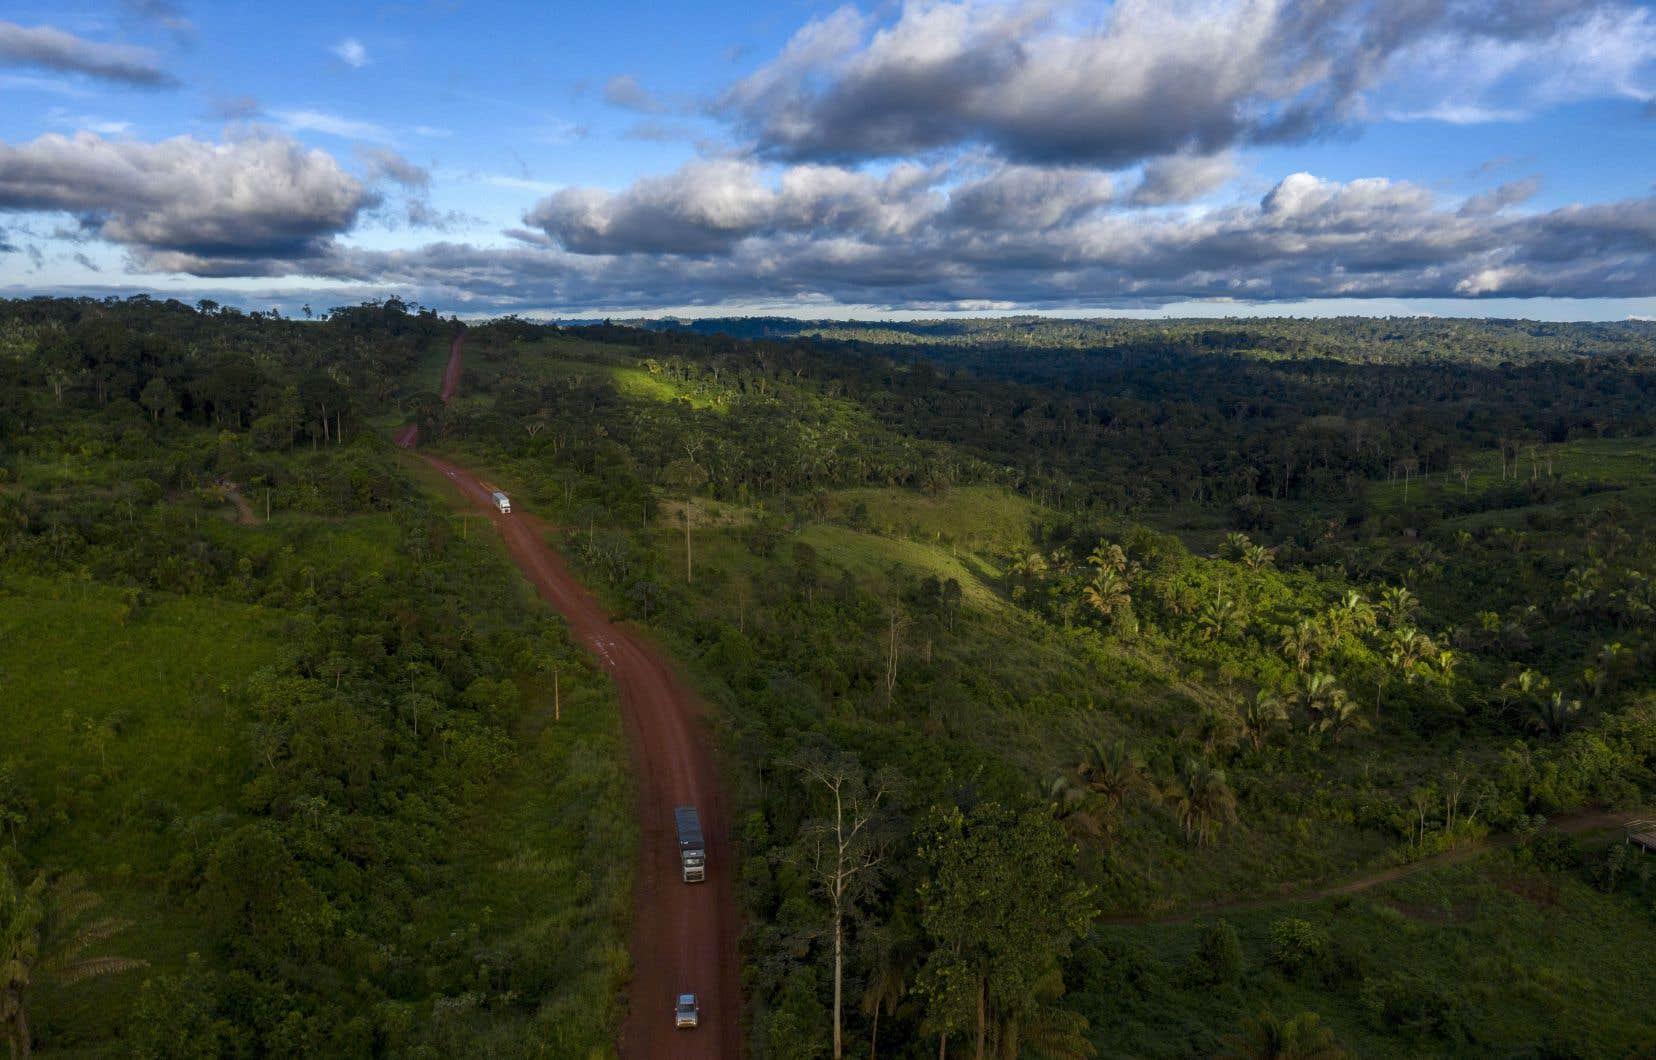 Le projet Global Forest Watch rapporte, sur la base de données satellitaires, que 12 millions d'hectares de couverture arborée ont disparu l'an dernier sur la Terre, ce qui en faisait la plus mauvaise année sur deux décennies après 2016, 2017 et 2014.